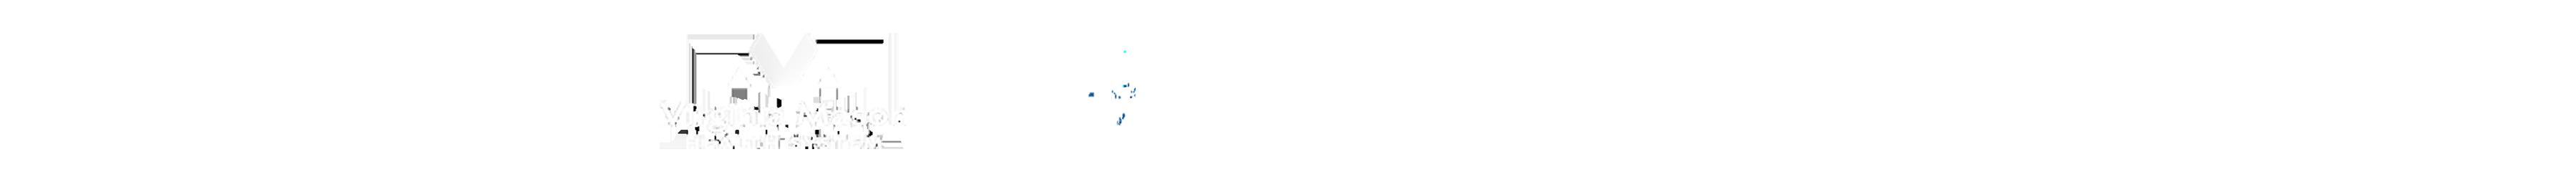 Partner Logos- Group GD HC